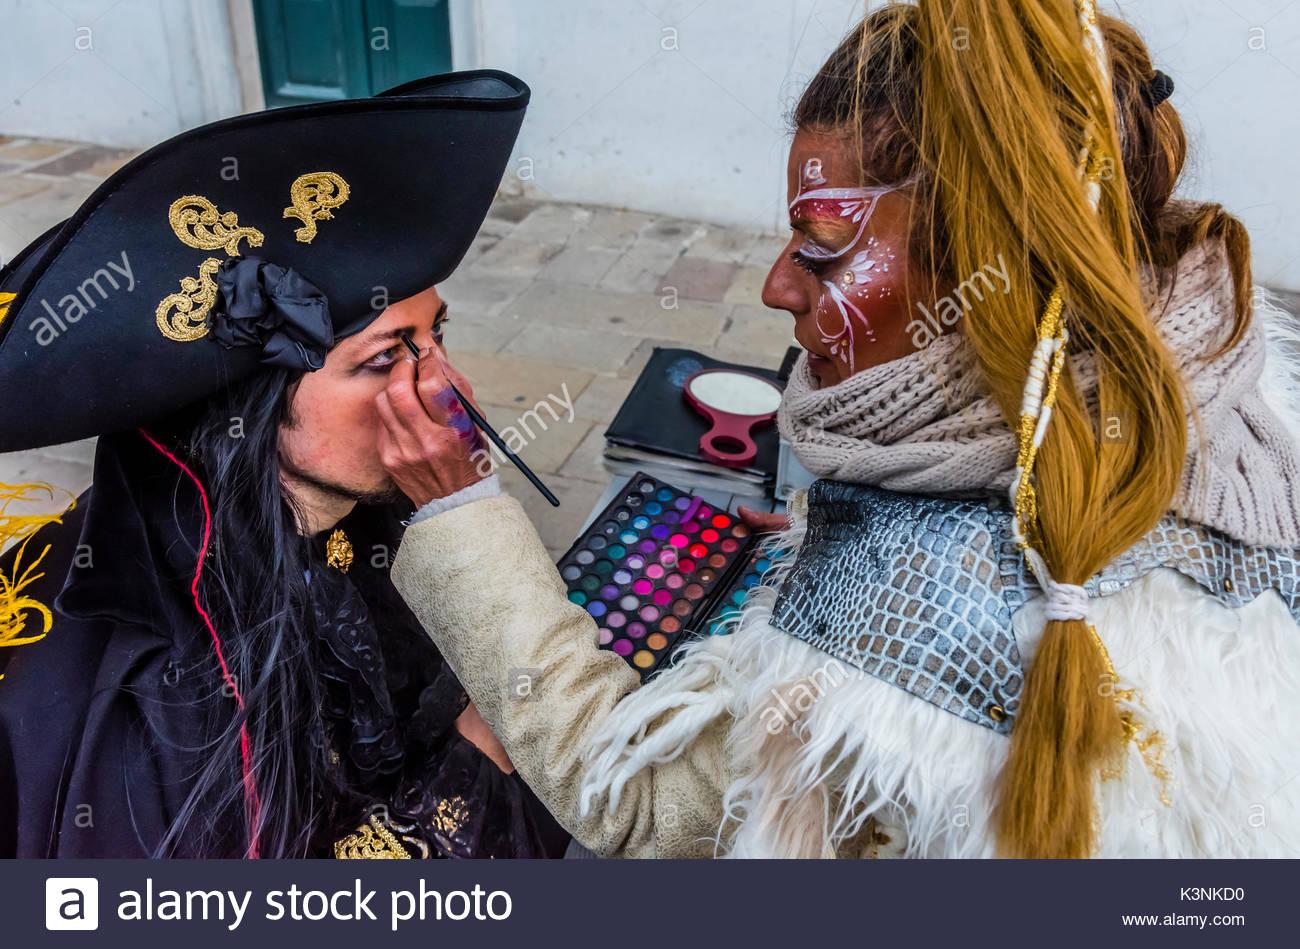 Revelers in carnival costume, Venice Carnival (Carnevale di Venezia), Venice, Italy. Stock Photo